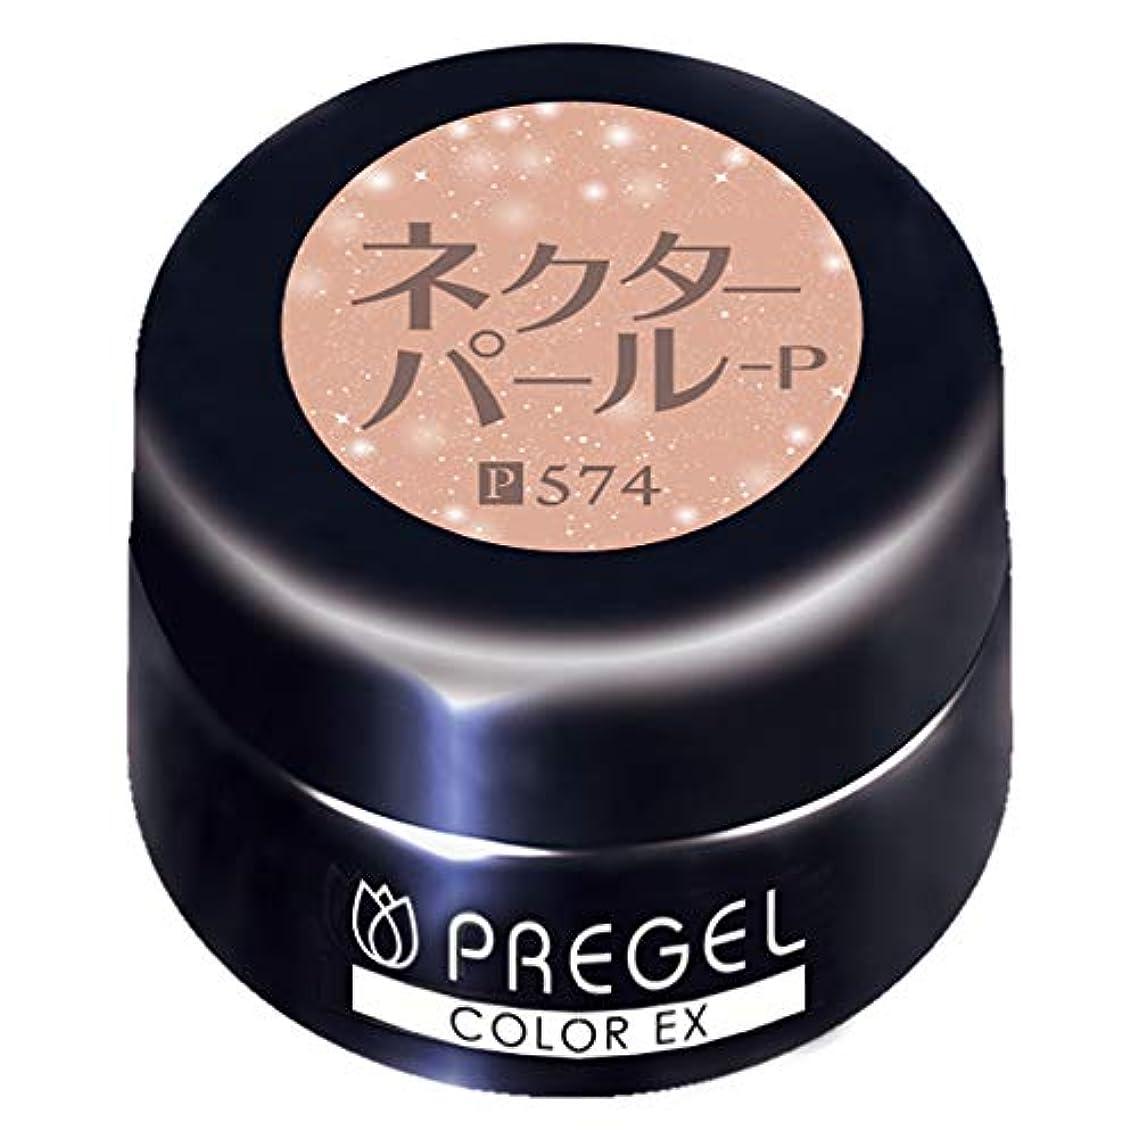 満足できる可塑性秋PRE GEL(プリジェル) PRE GEL カラージェル カラーEX ネクターパール-P 3g PG-CE574 UV/LED対応 ジェルネイル